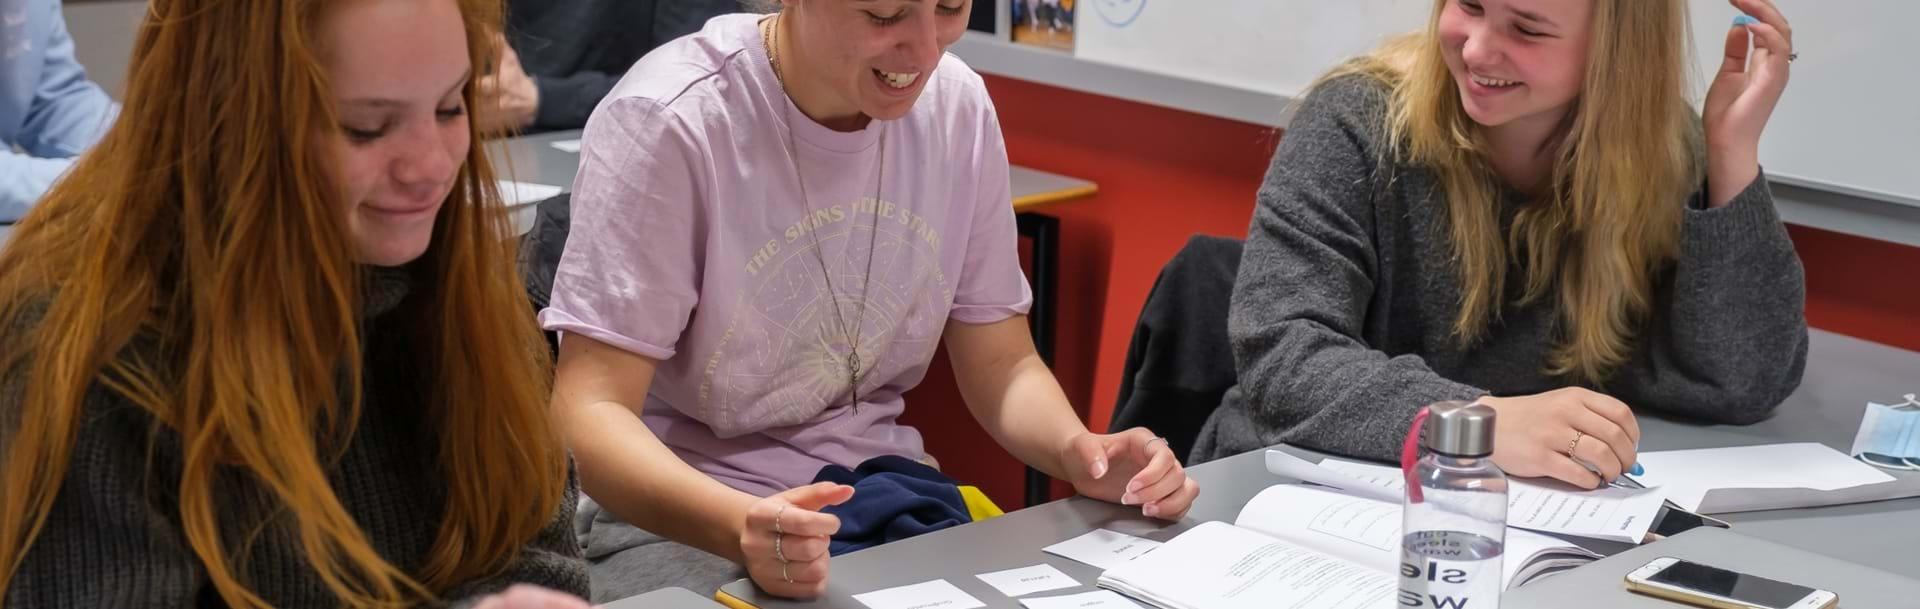 Tre piger sidder ved bord og laver gruppearbejde med små sedler